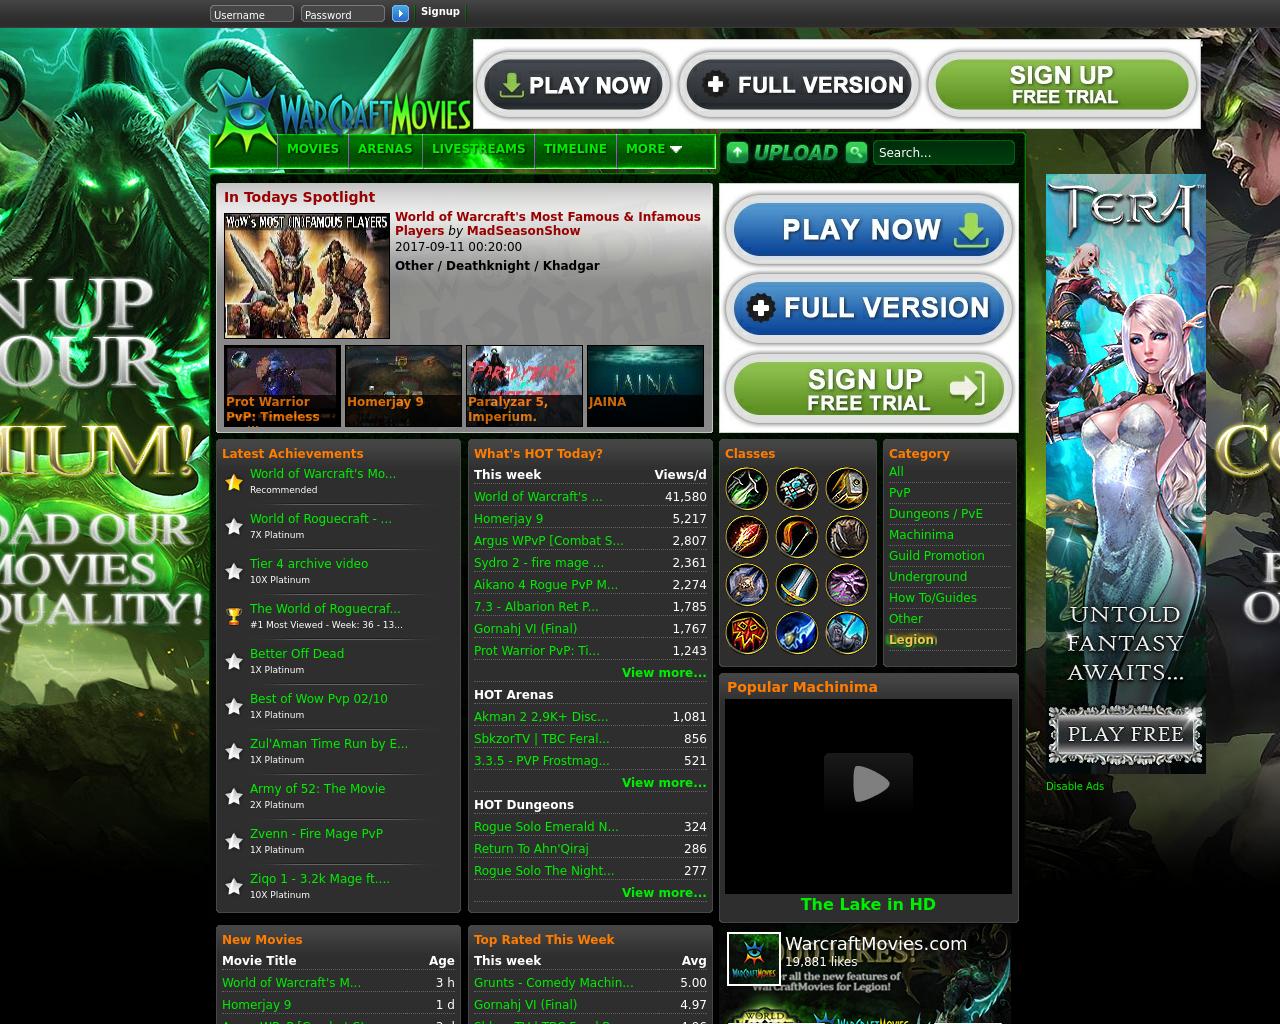 WarCraftMovies-Advertising-Reviews-Pricing